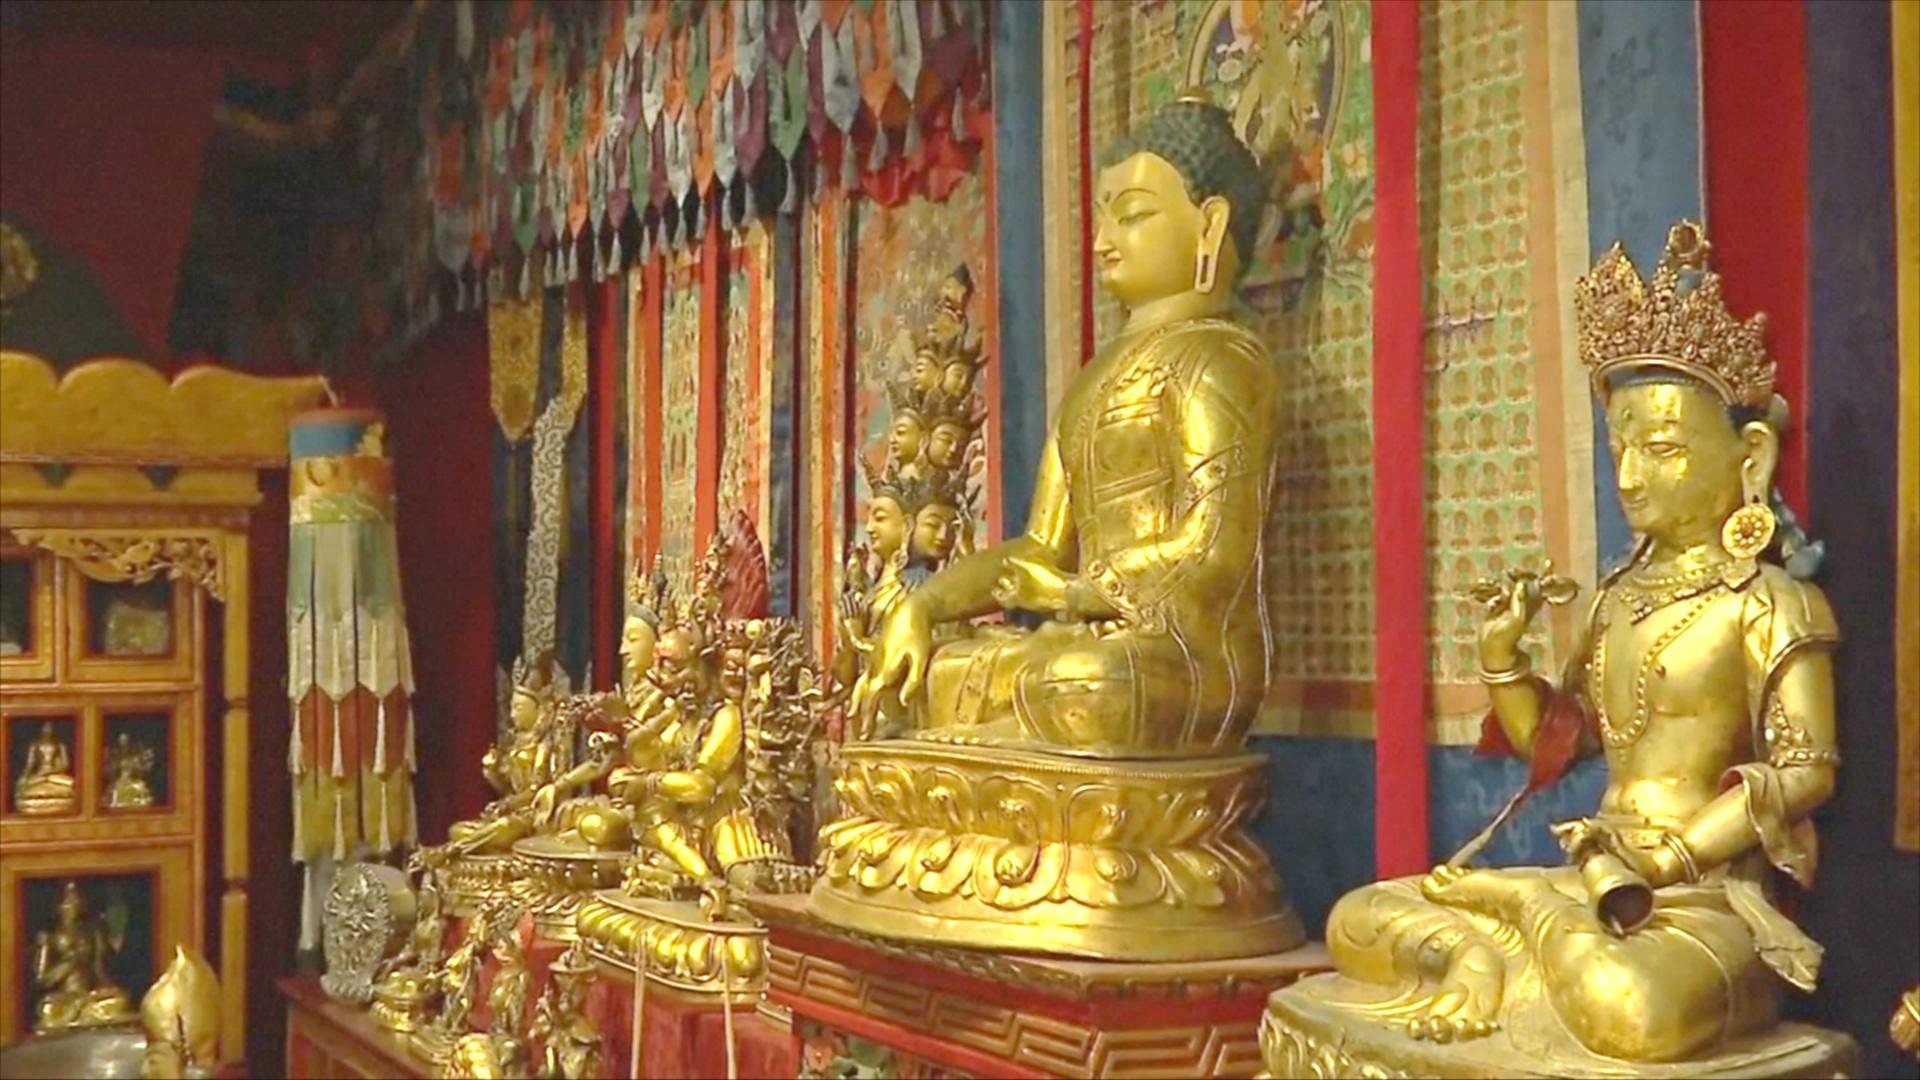 Коллекционер хочет пожертвовать музею 250 тибетских статуй и гобеленов